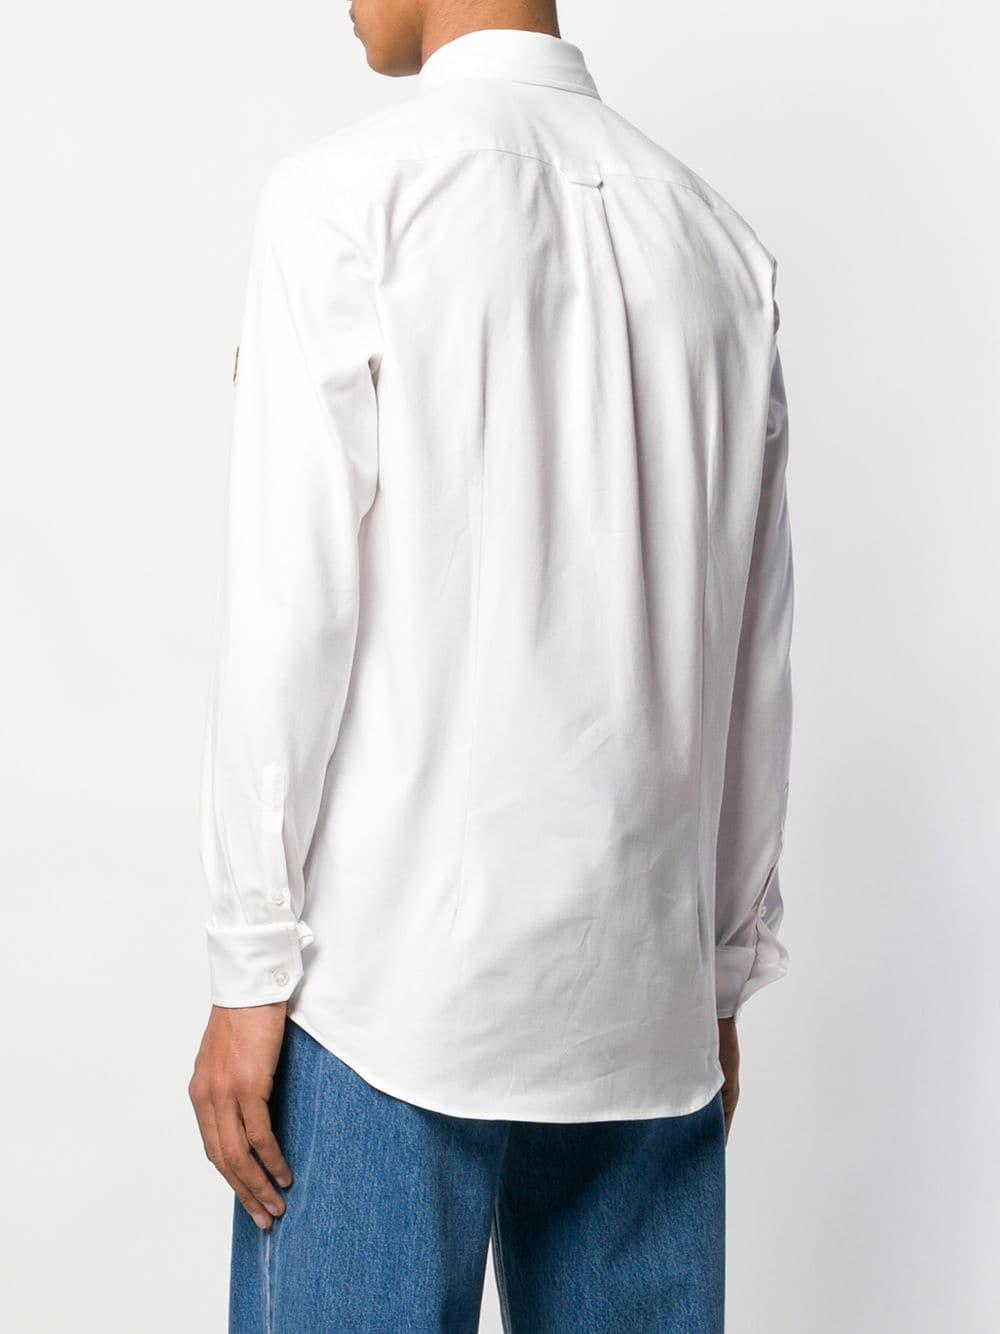 Golden Goose Deluxe Brand Ganzendons Overhemd Met Logopatch in het Wit voor heren